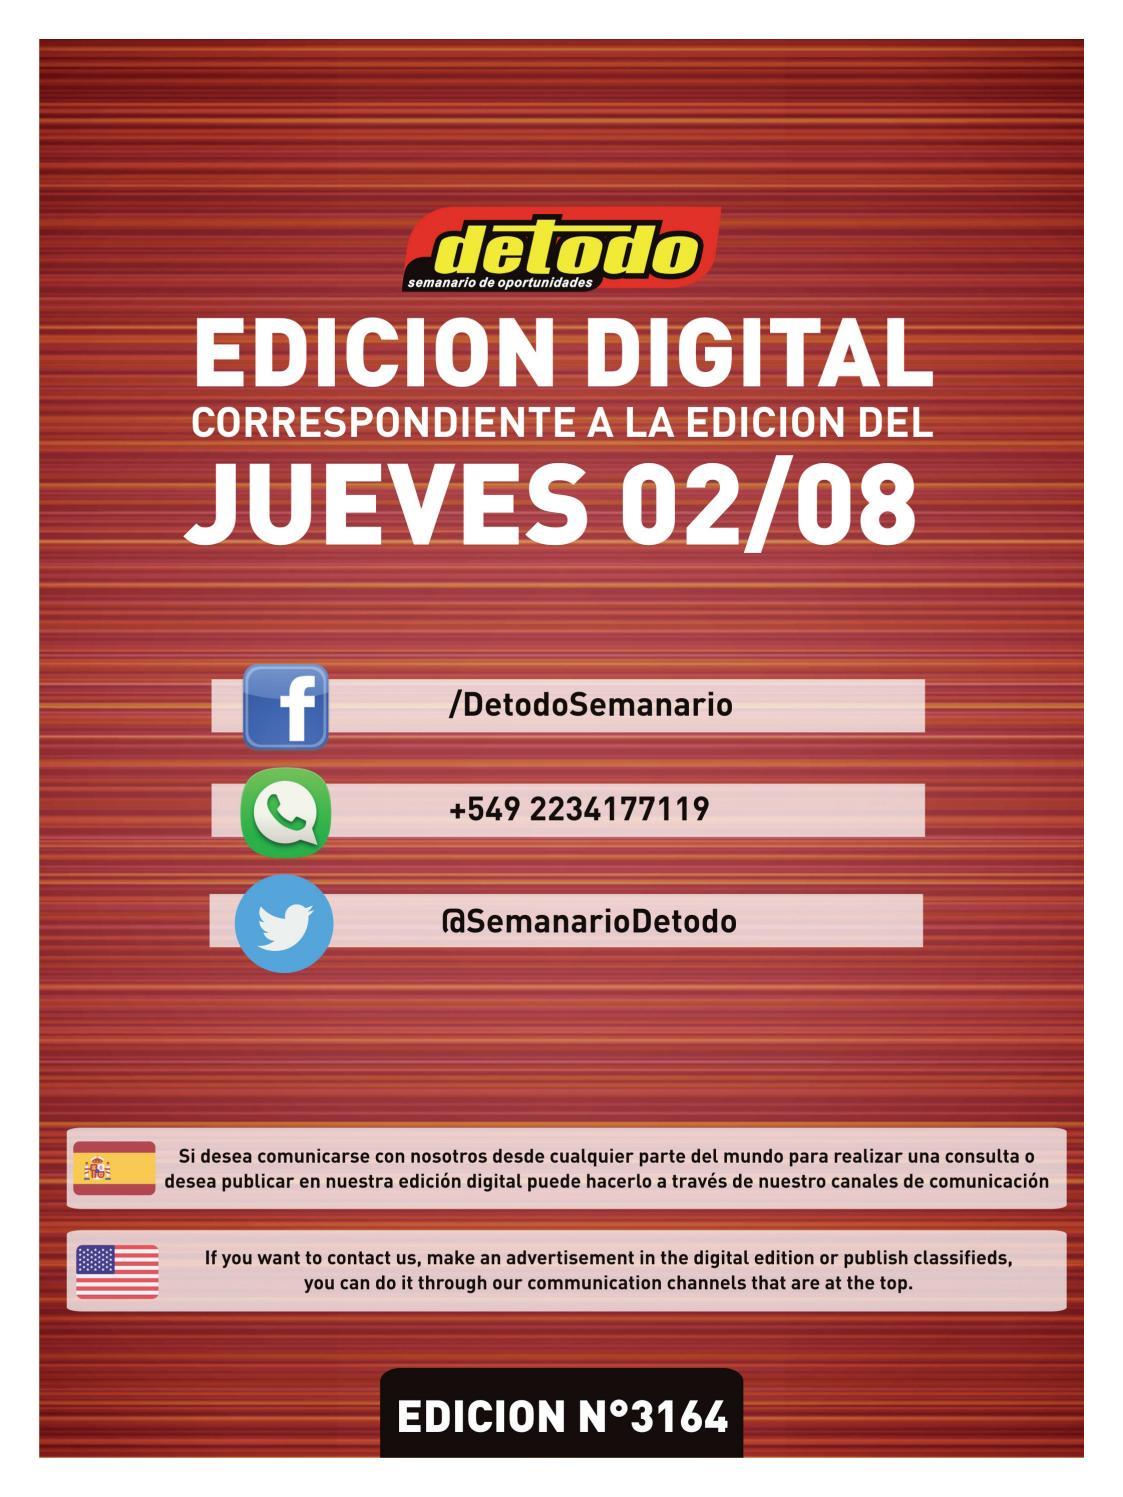 c7adc6b3262a6 Semanario Detodo - Edición N° 3164 - 02 08 2018 by Semanario Detodo - issuu